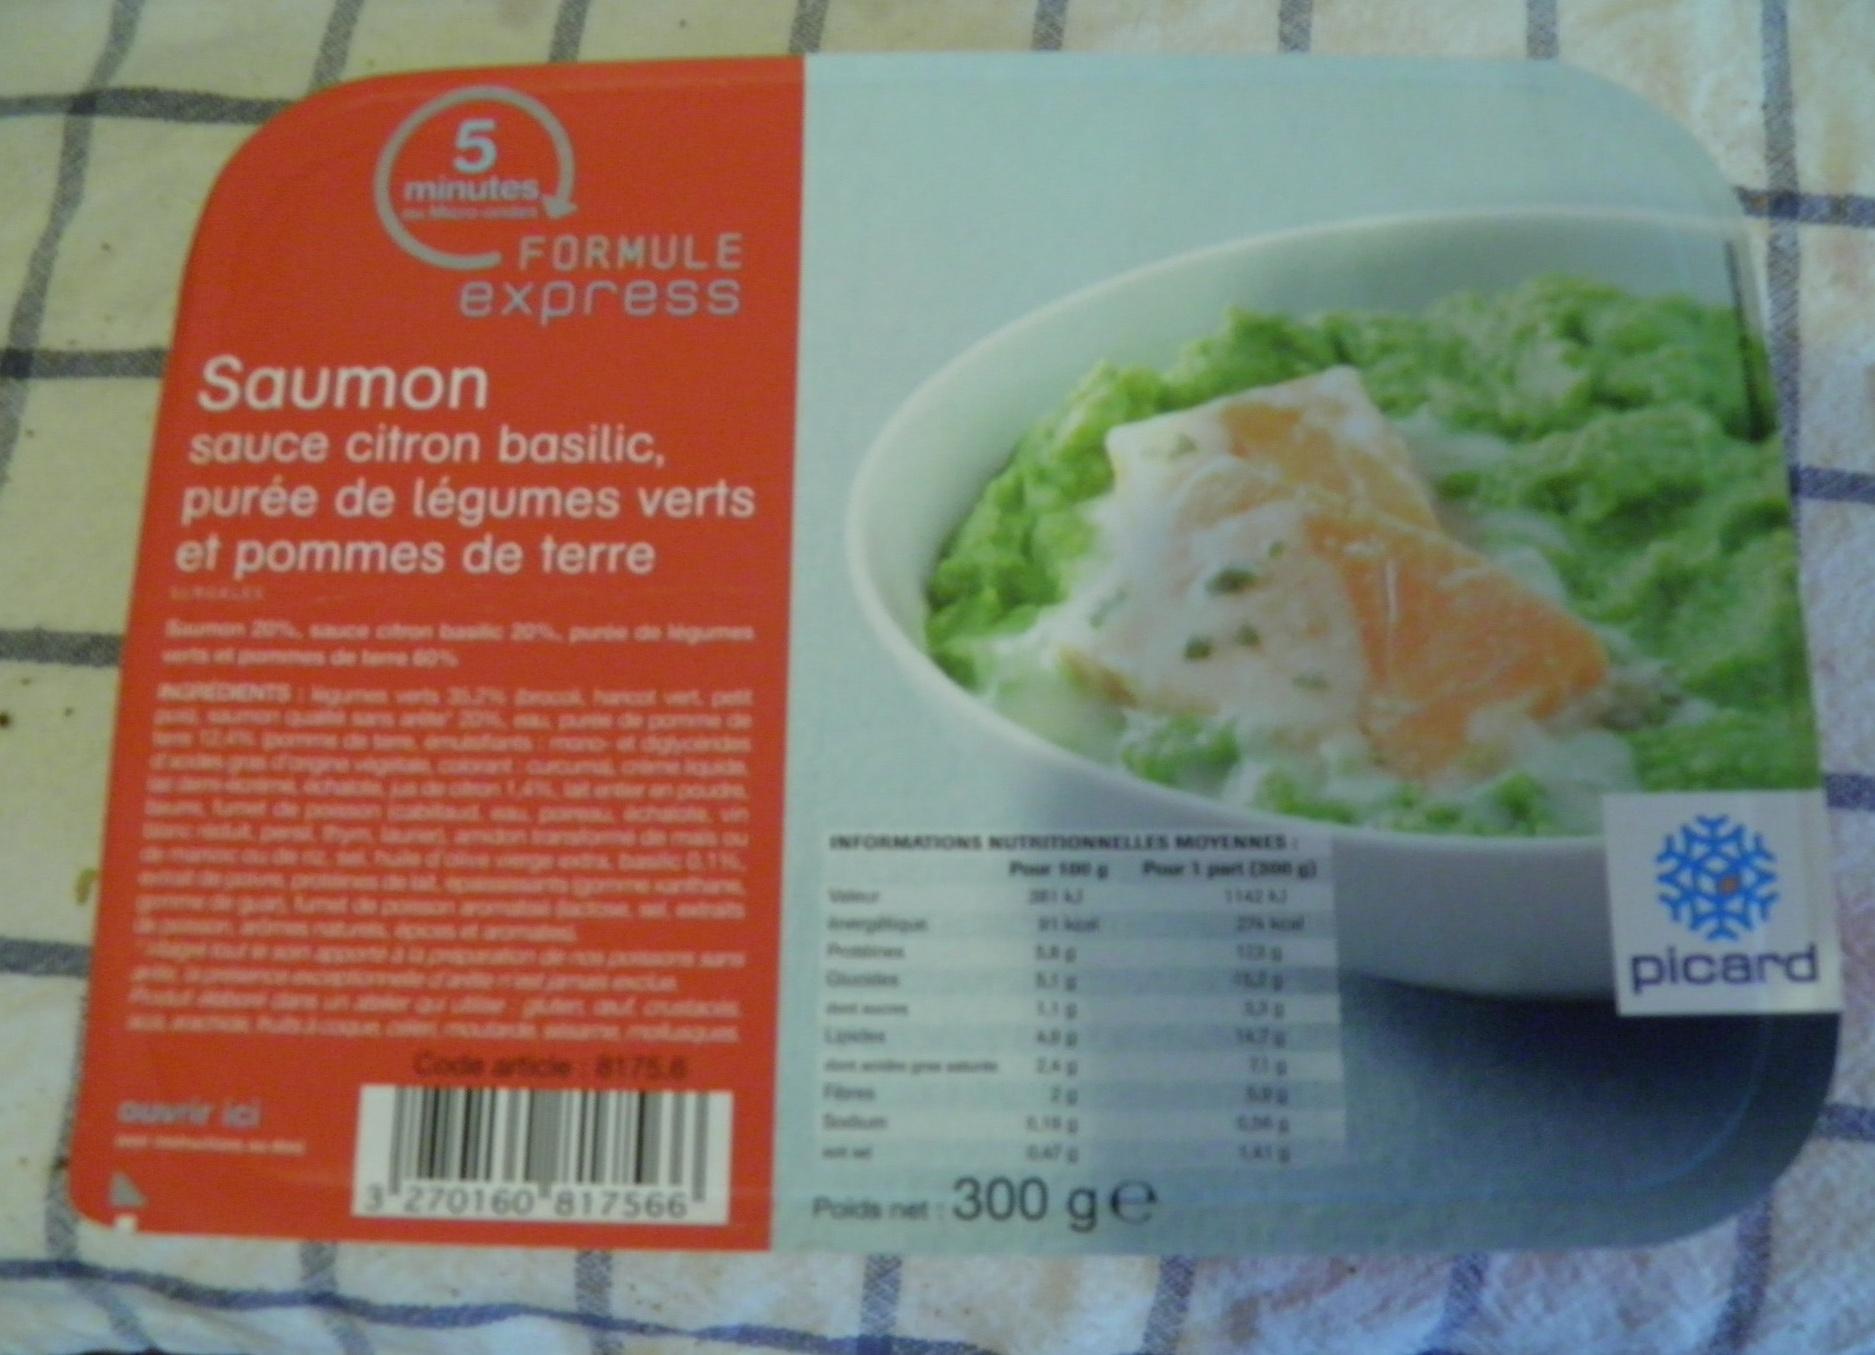 saumon sauce citron basillic pur e de l gumes verts et pommes de terre picard 300 g. Black Bedroom Furniture Sets. Home Design Ideas